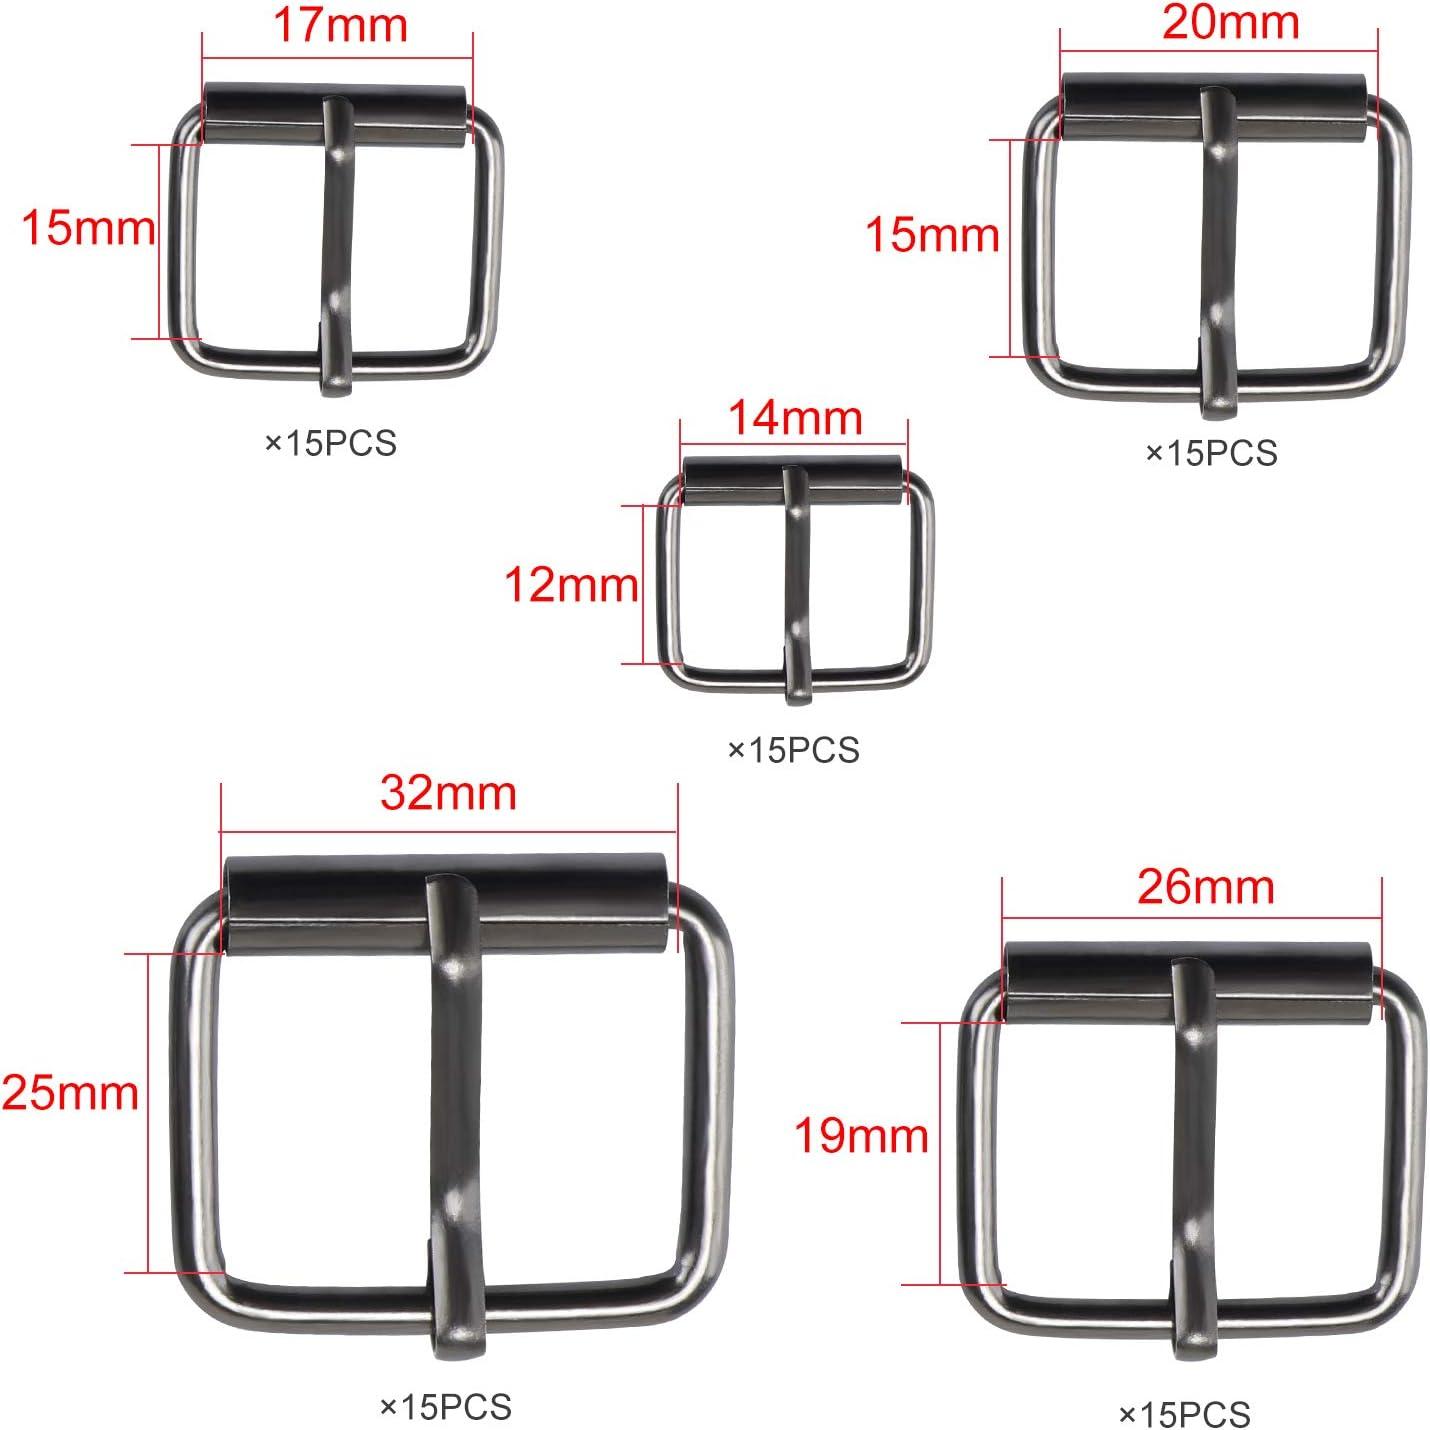 13 mm//16 mm//20 mm//25 mm//32 mm Bronze Accessoires de Bricolage Coolty 75pcs Boucles en M/étal pour Ceinture Sac /à Dos Craft Bags